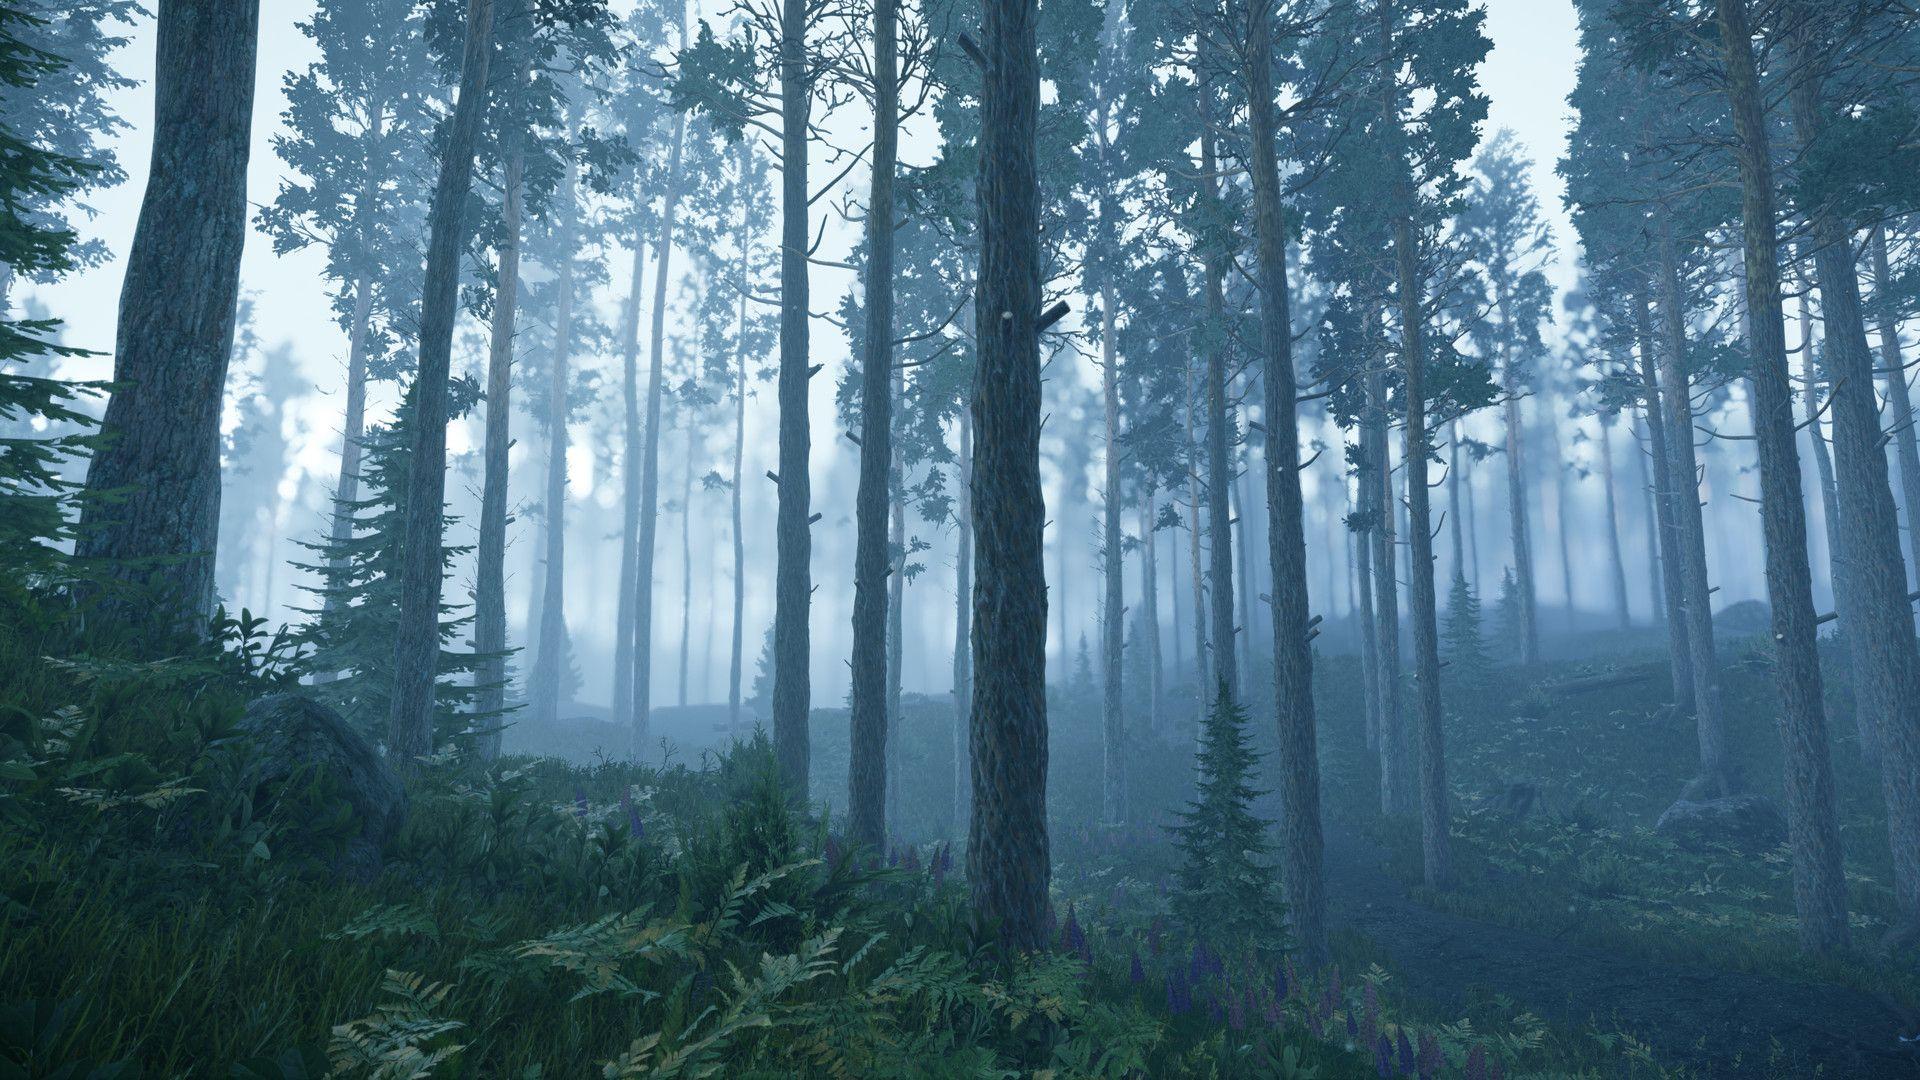 ArtStation - Misty Pine Forest (Cryengine 3), Michael Susha